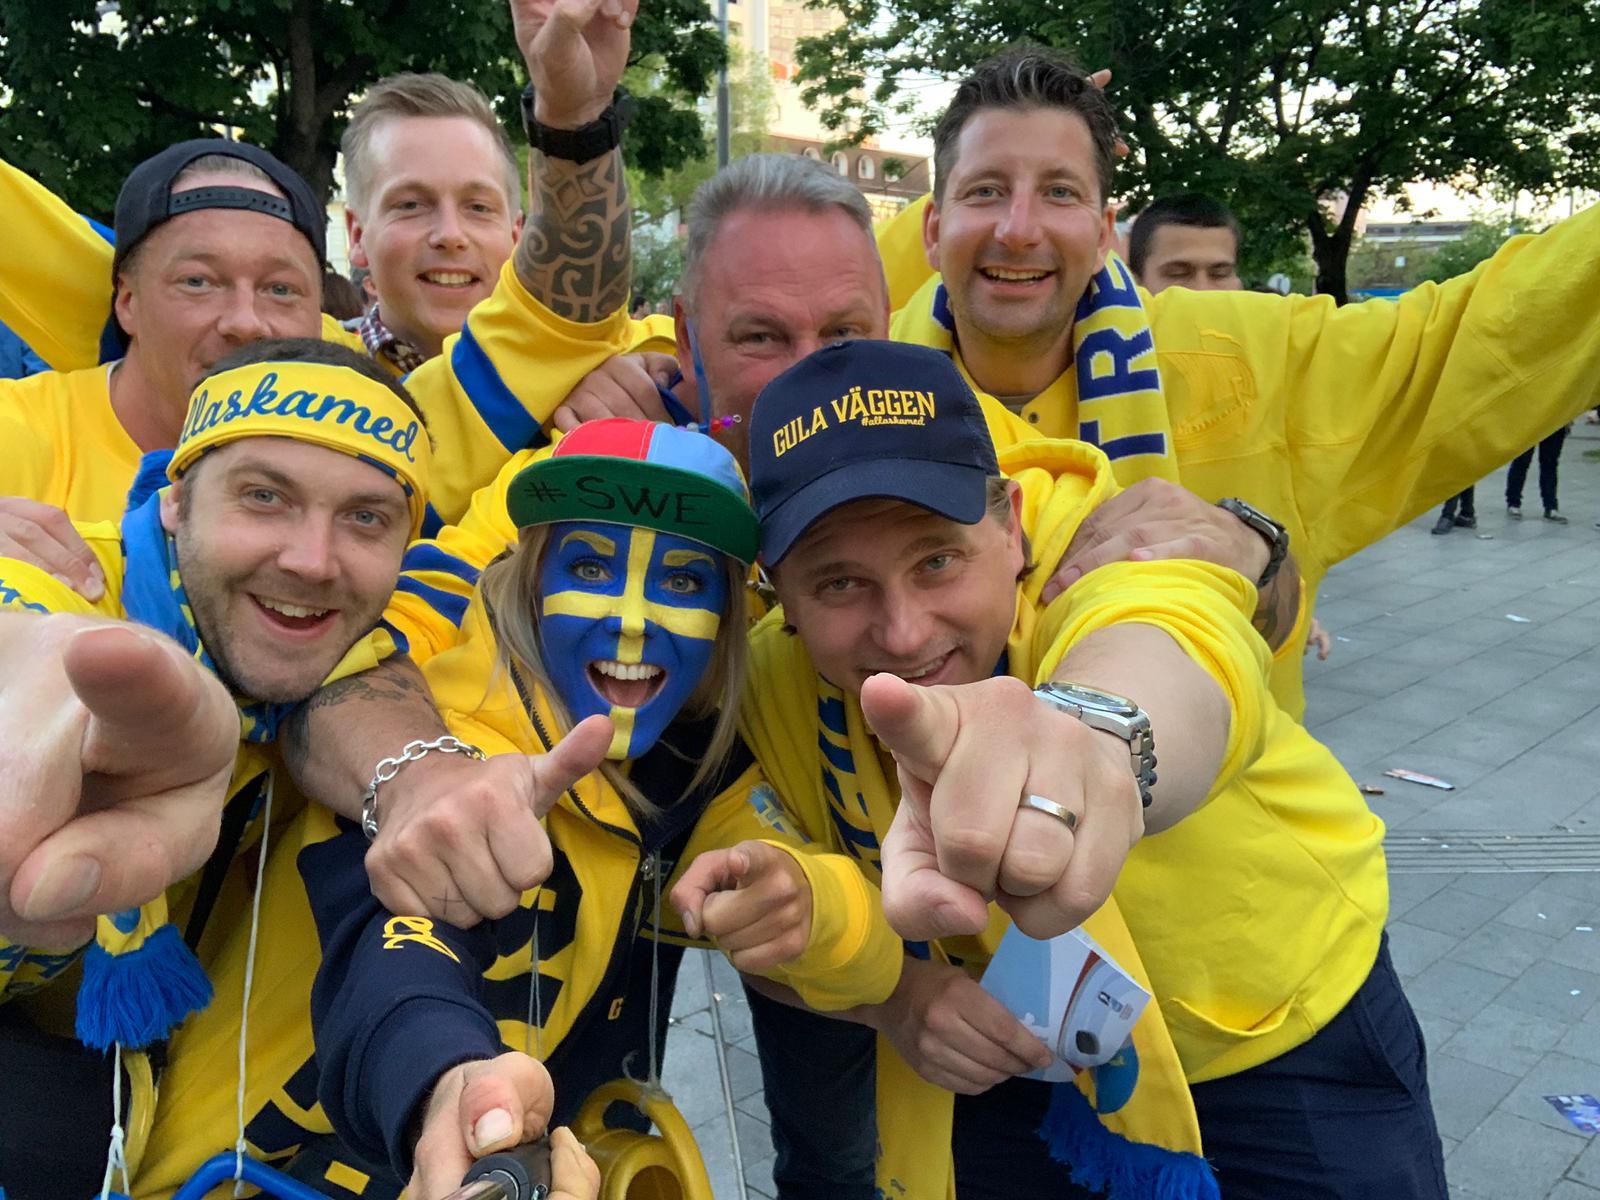 SUPPORTERFRÅGAN 12 MAJ: Tio supportrar om VM